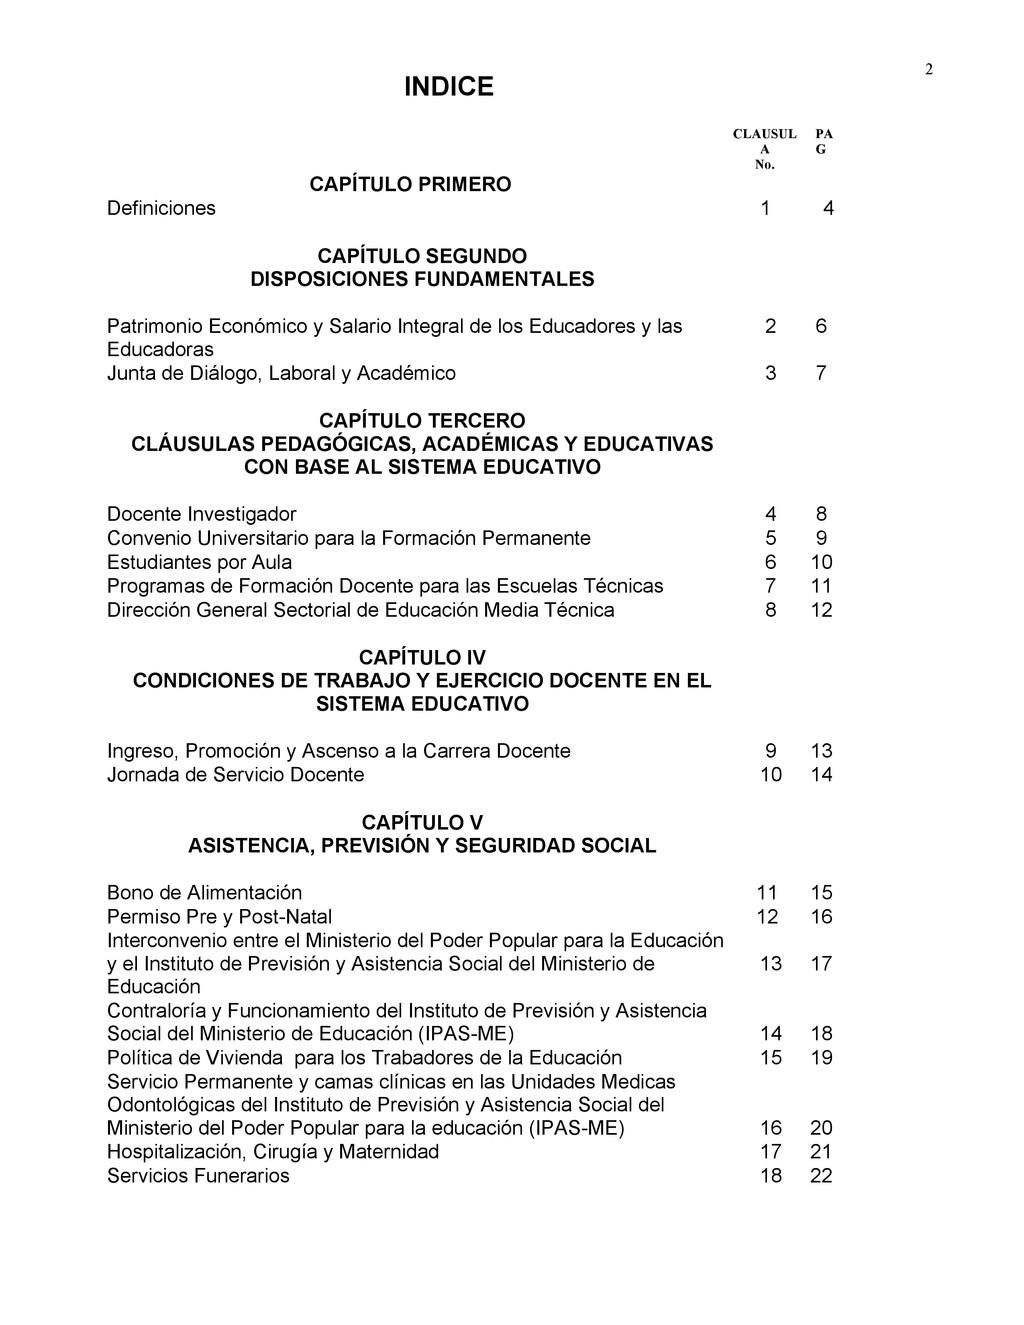 2 CLAUSUL A No. PA G CAPÍTULO PRIMERO Definicio...